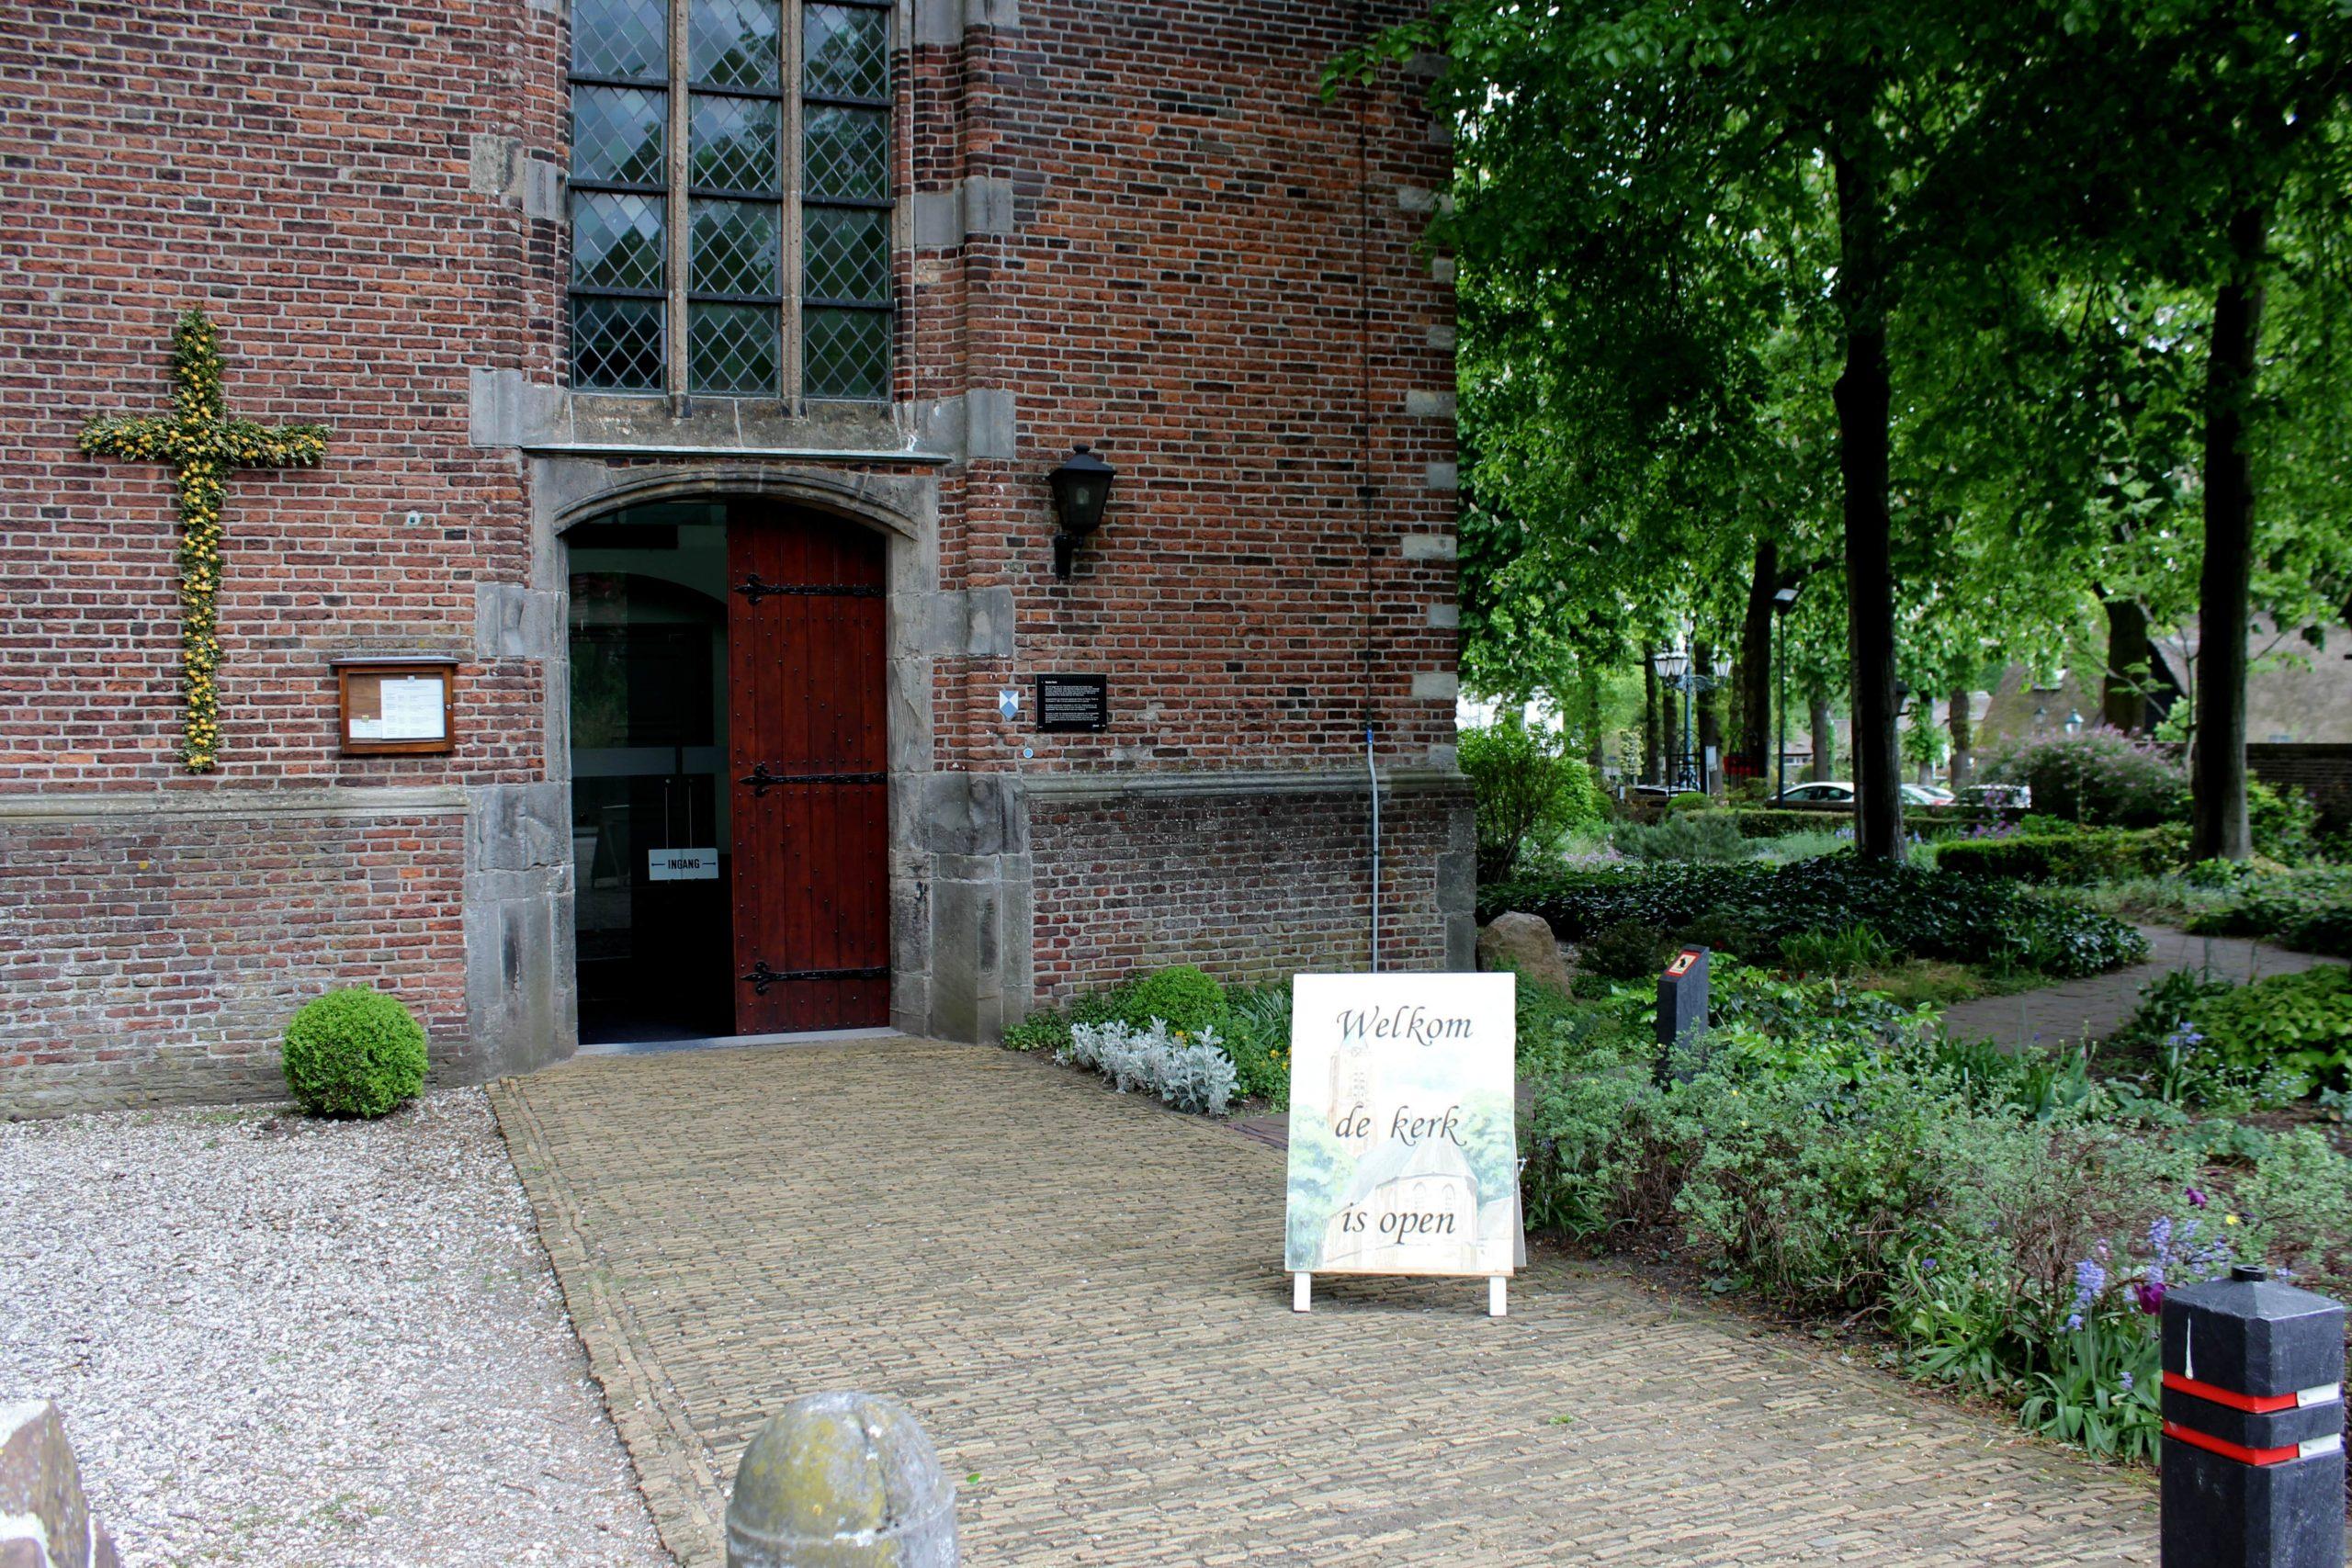 Entree Oude Kerk Soest - Zomeropenstelling - verkleind